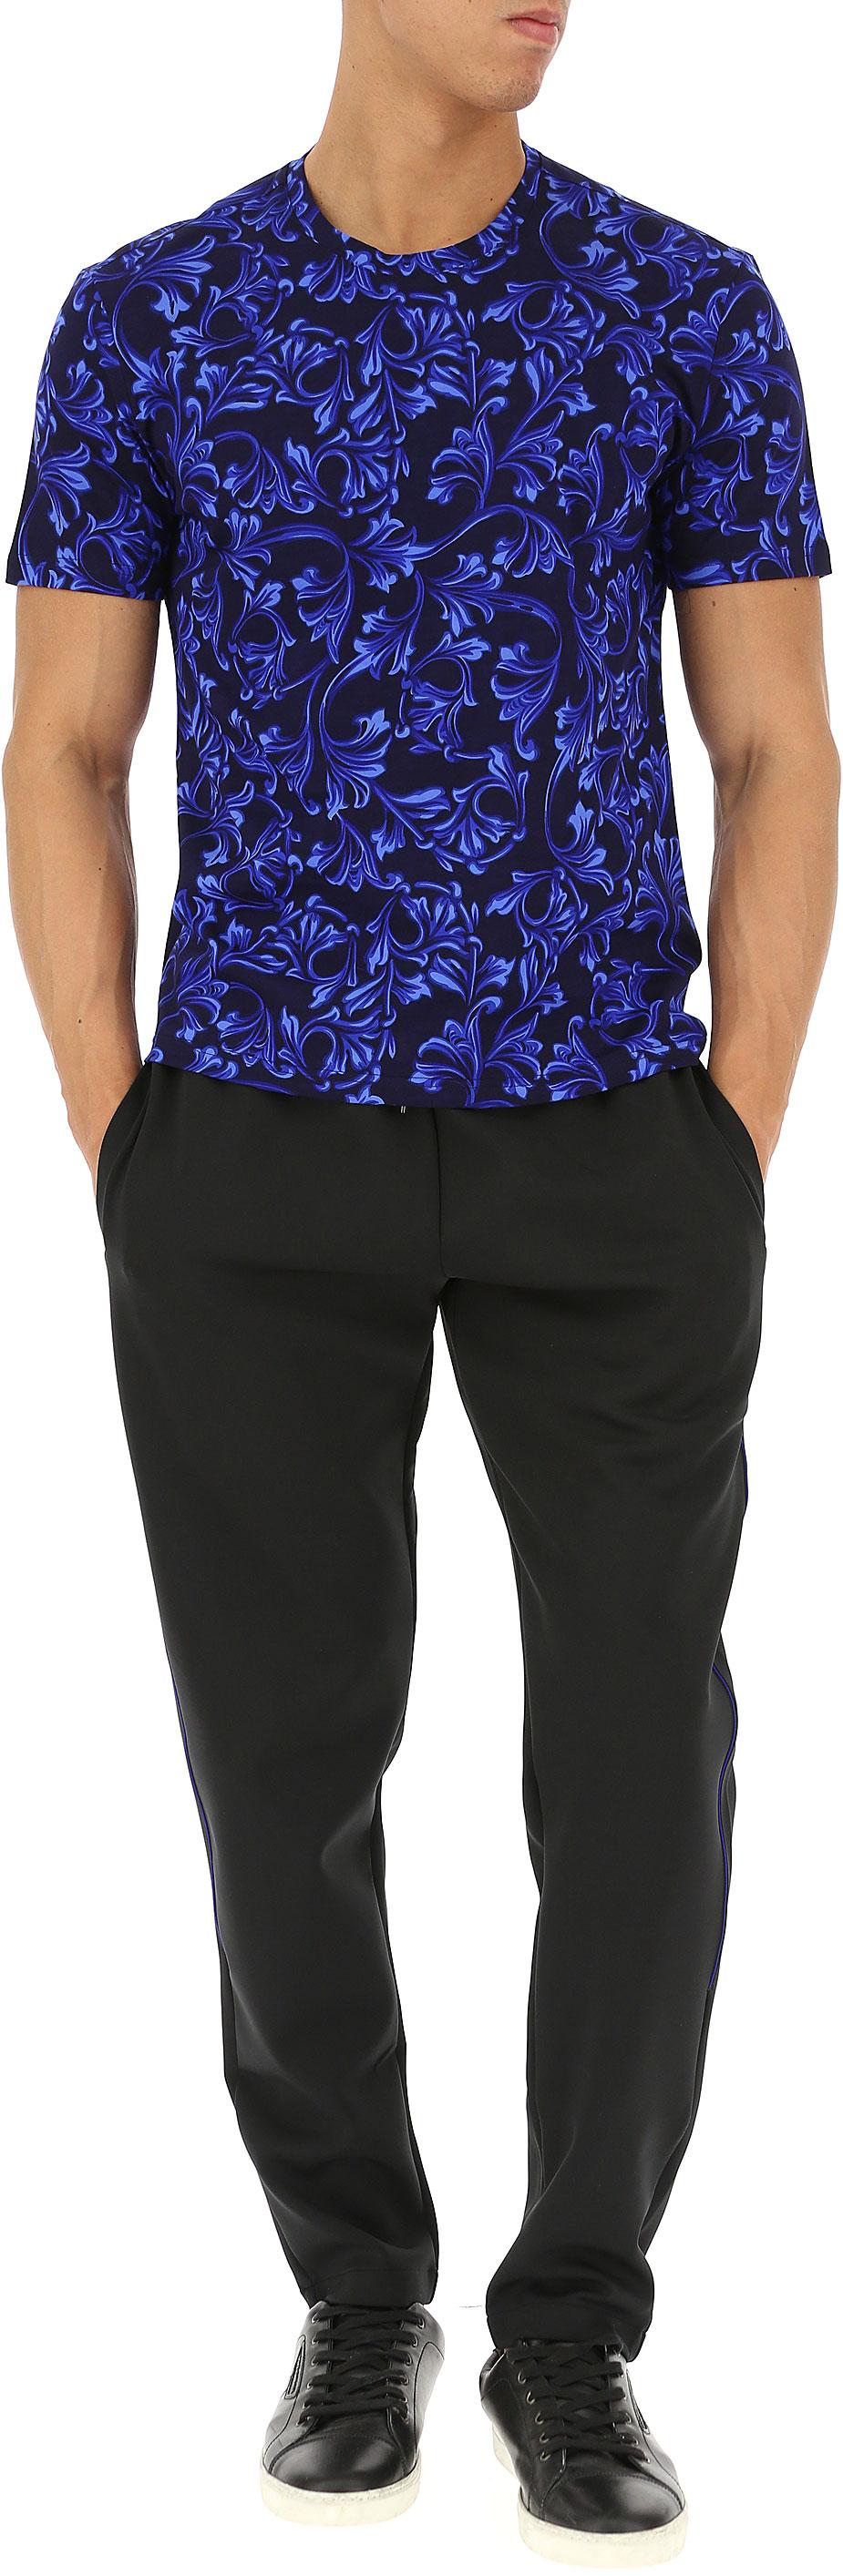 Abbigliamento Uomo Versace, Codice Articolo: auu12037-ap00158-a008